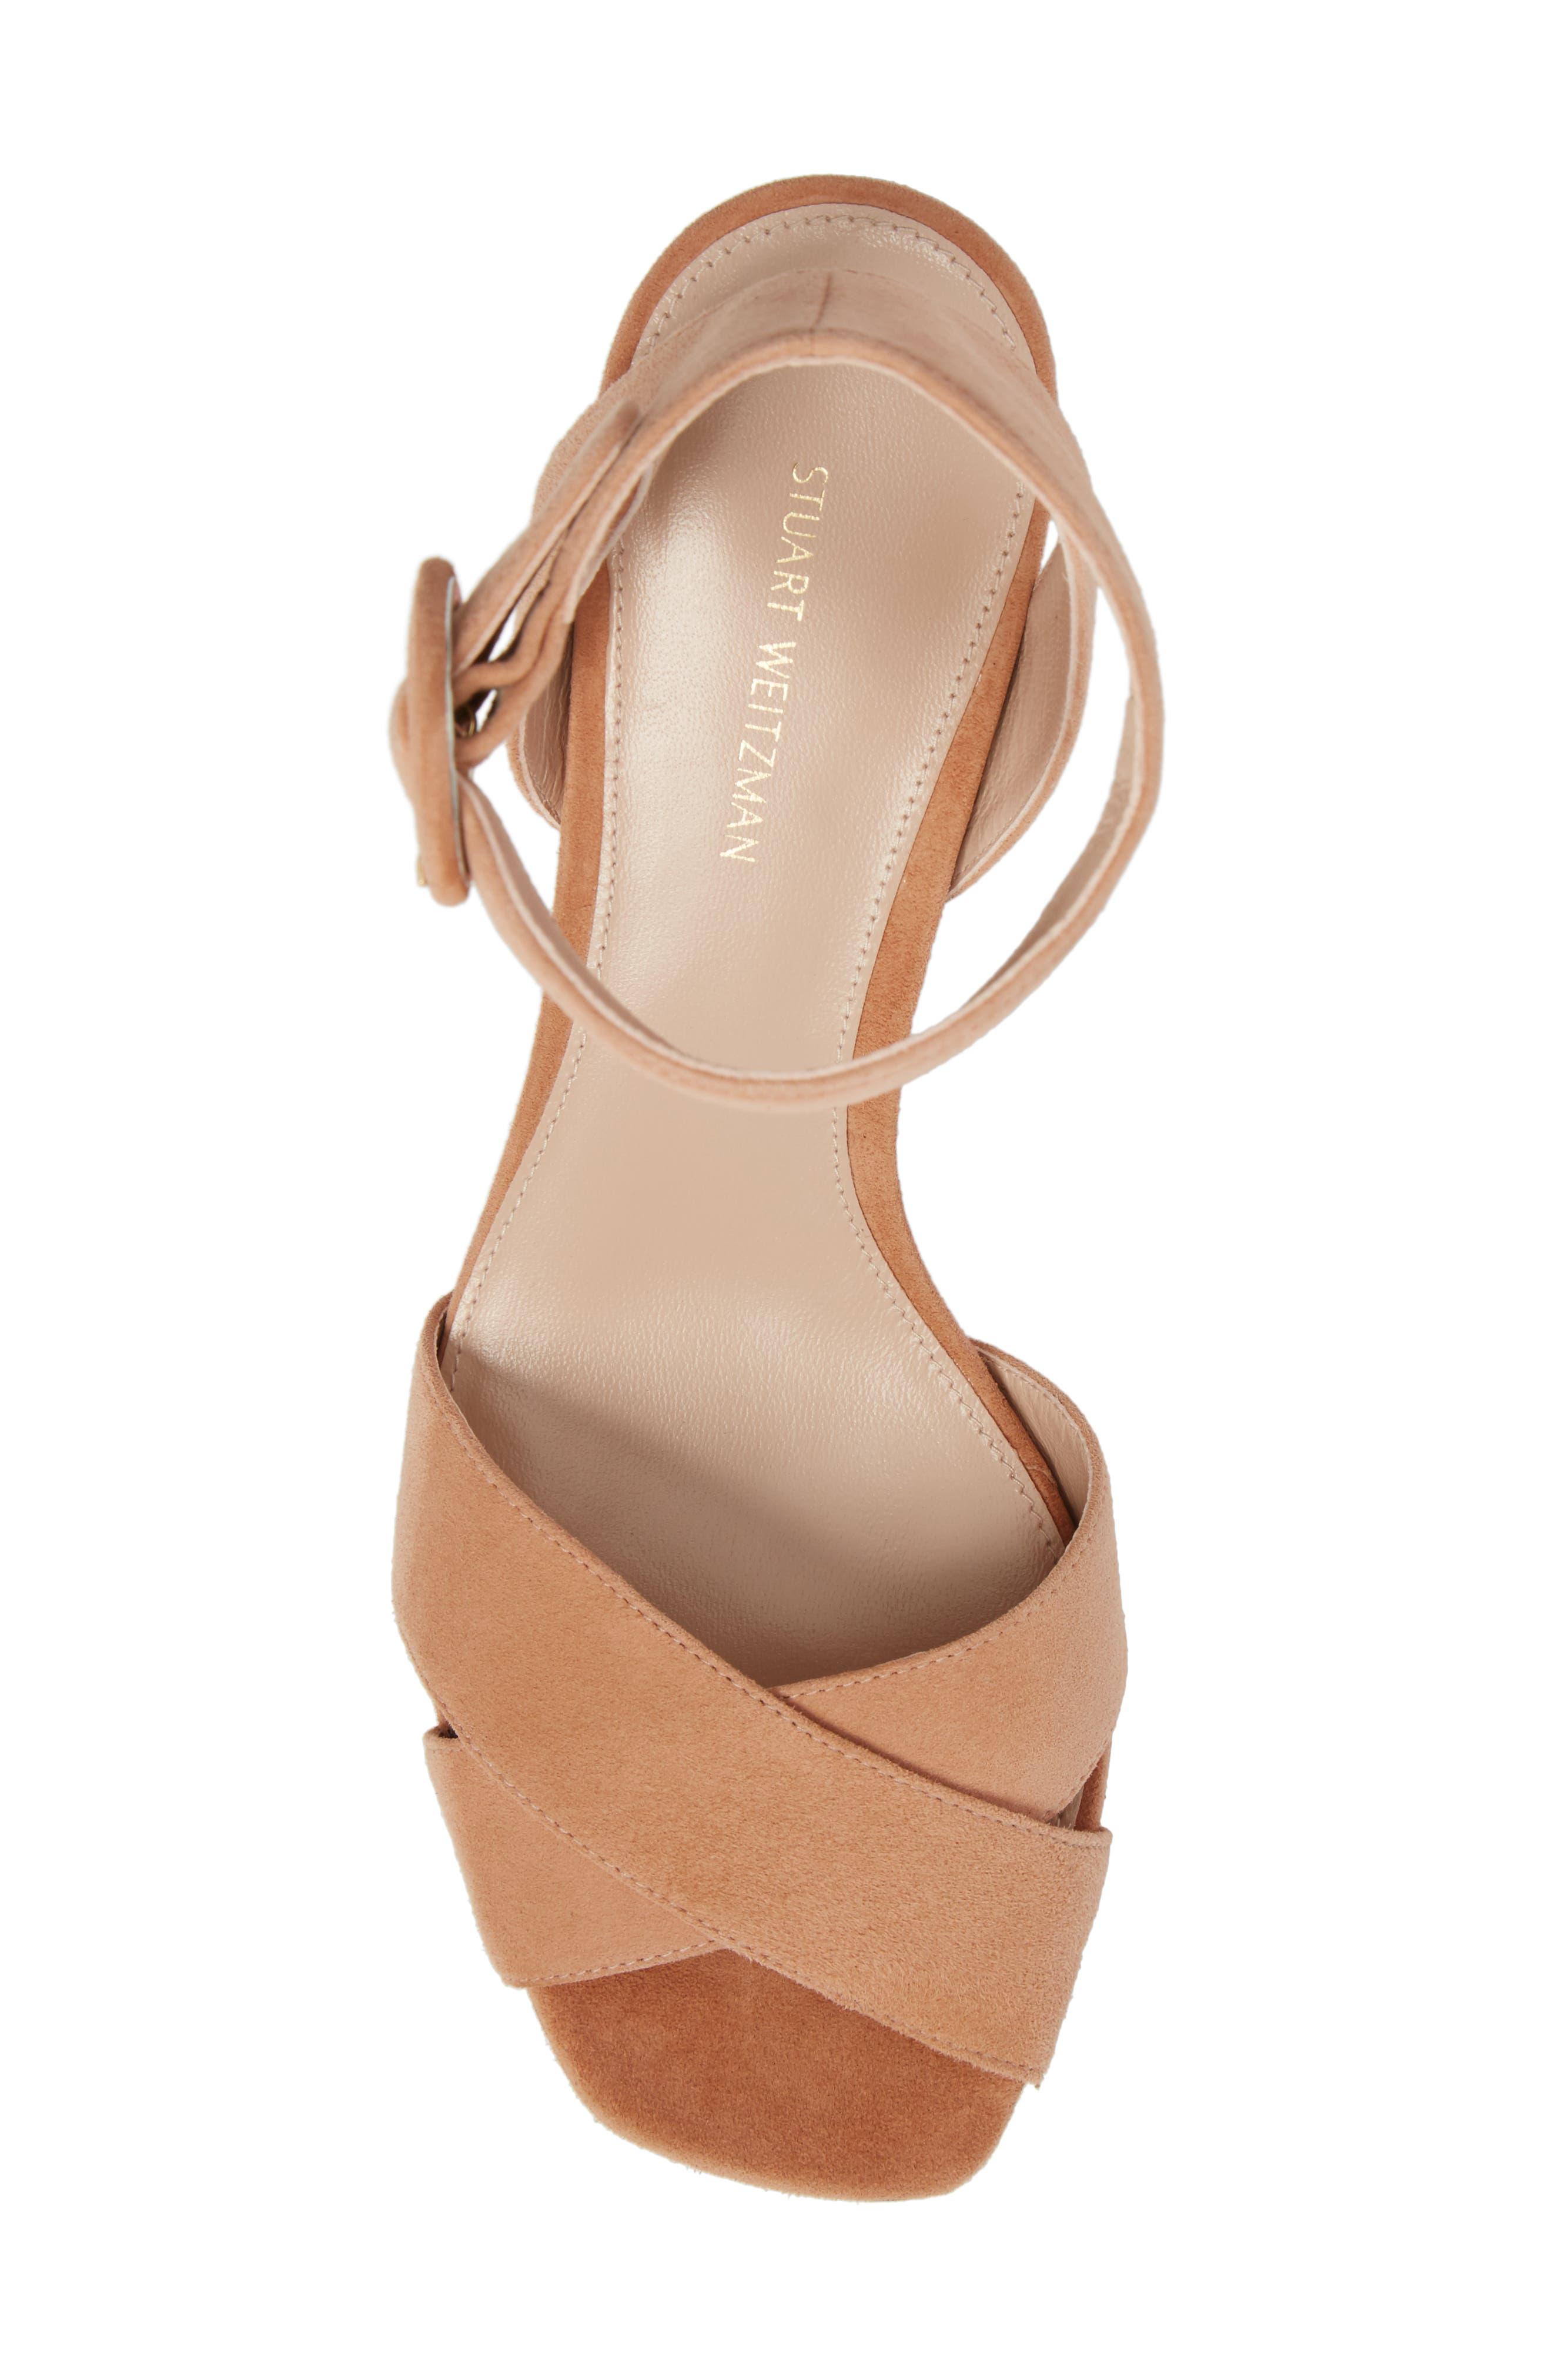 Carmina Ankle Strap Platform Sandal,                             Alternate thumbnail 5, color,                             Naked Seda Suede